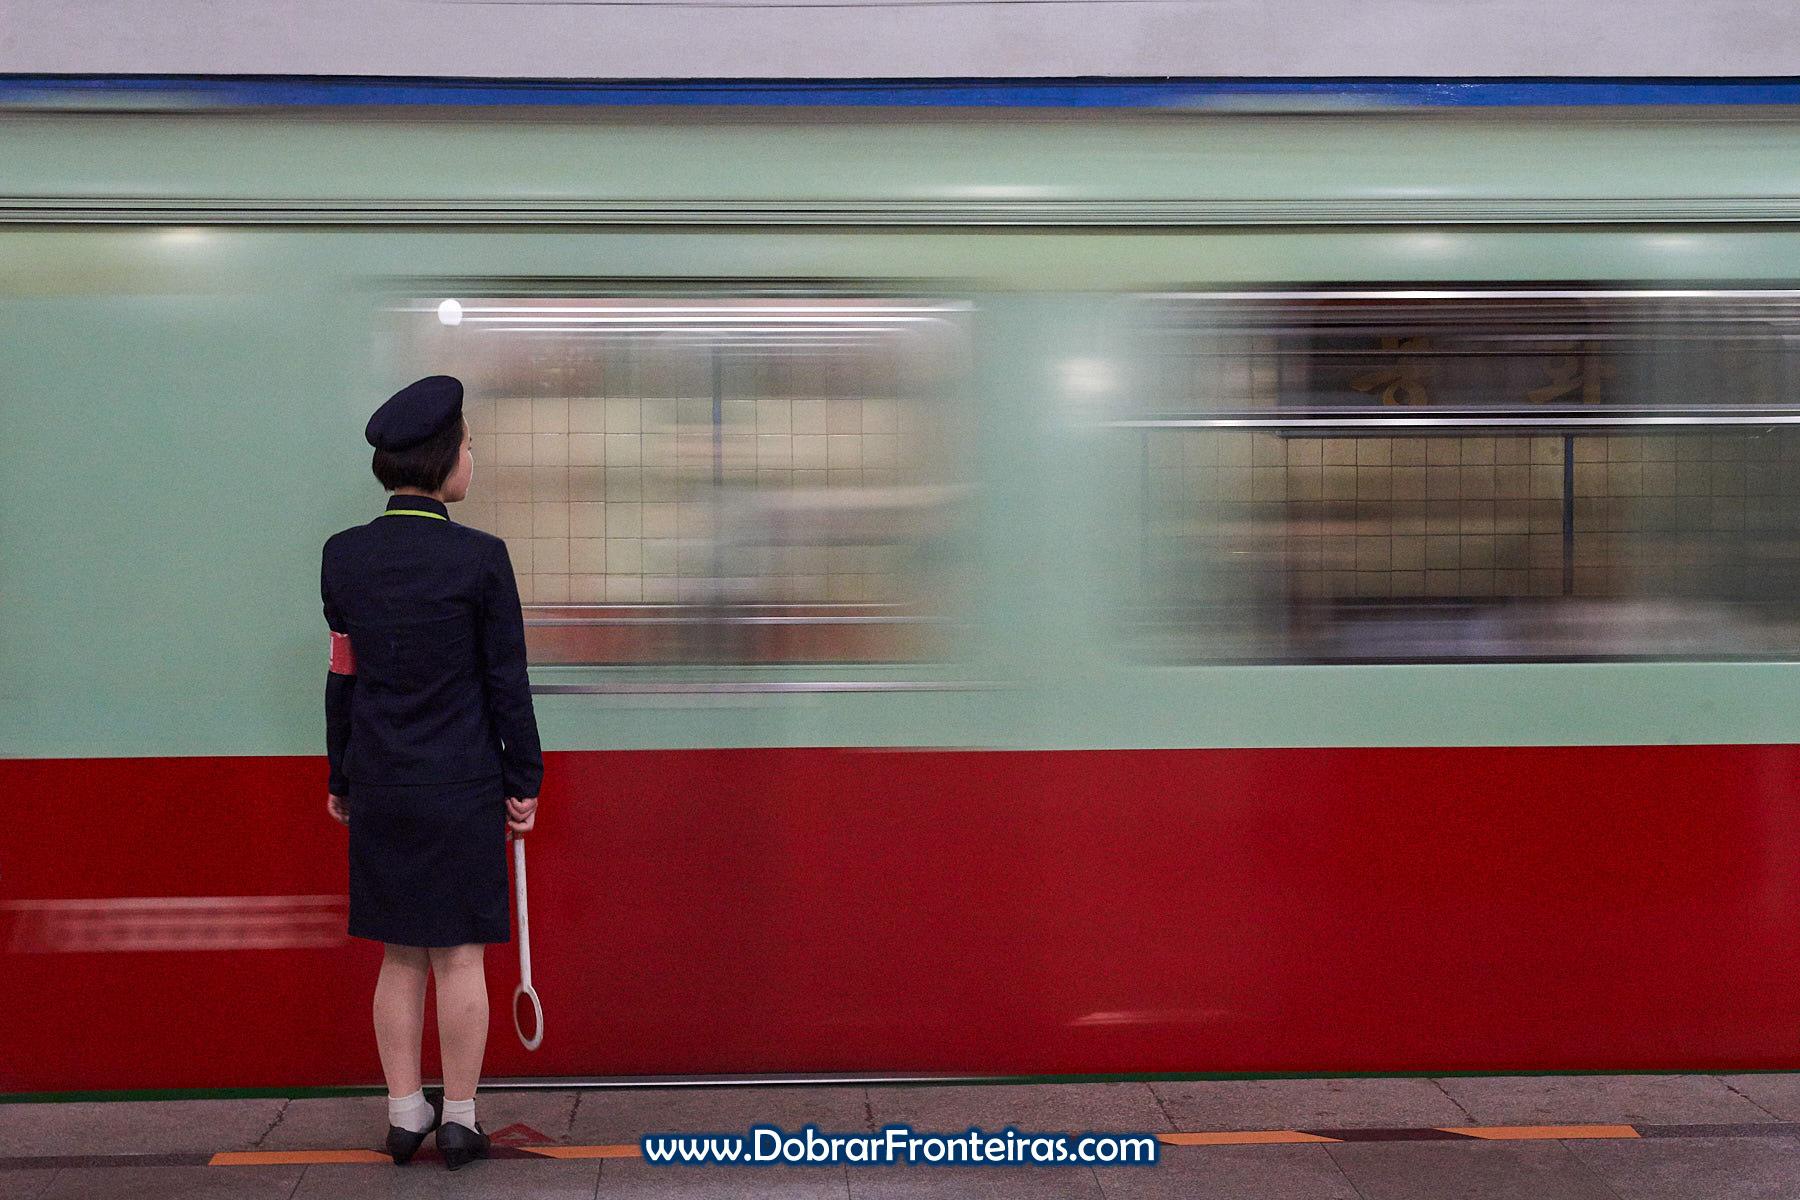 Longa exposição com funcionária de uniforme no metro de Pyongyang